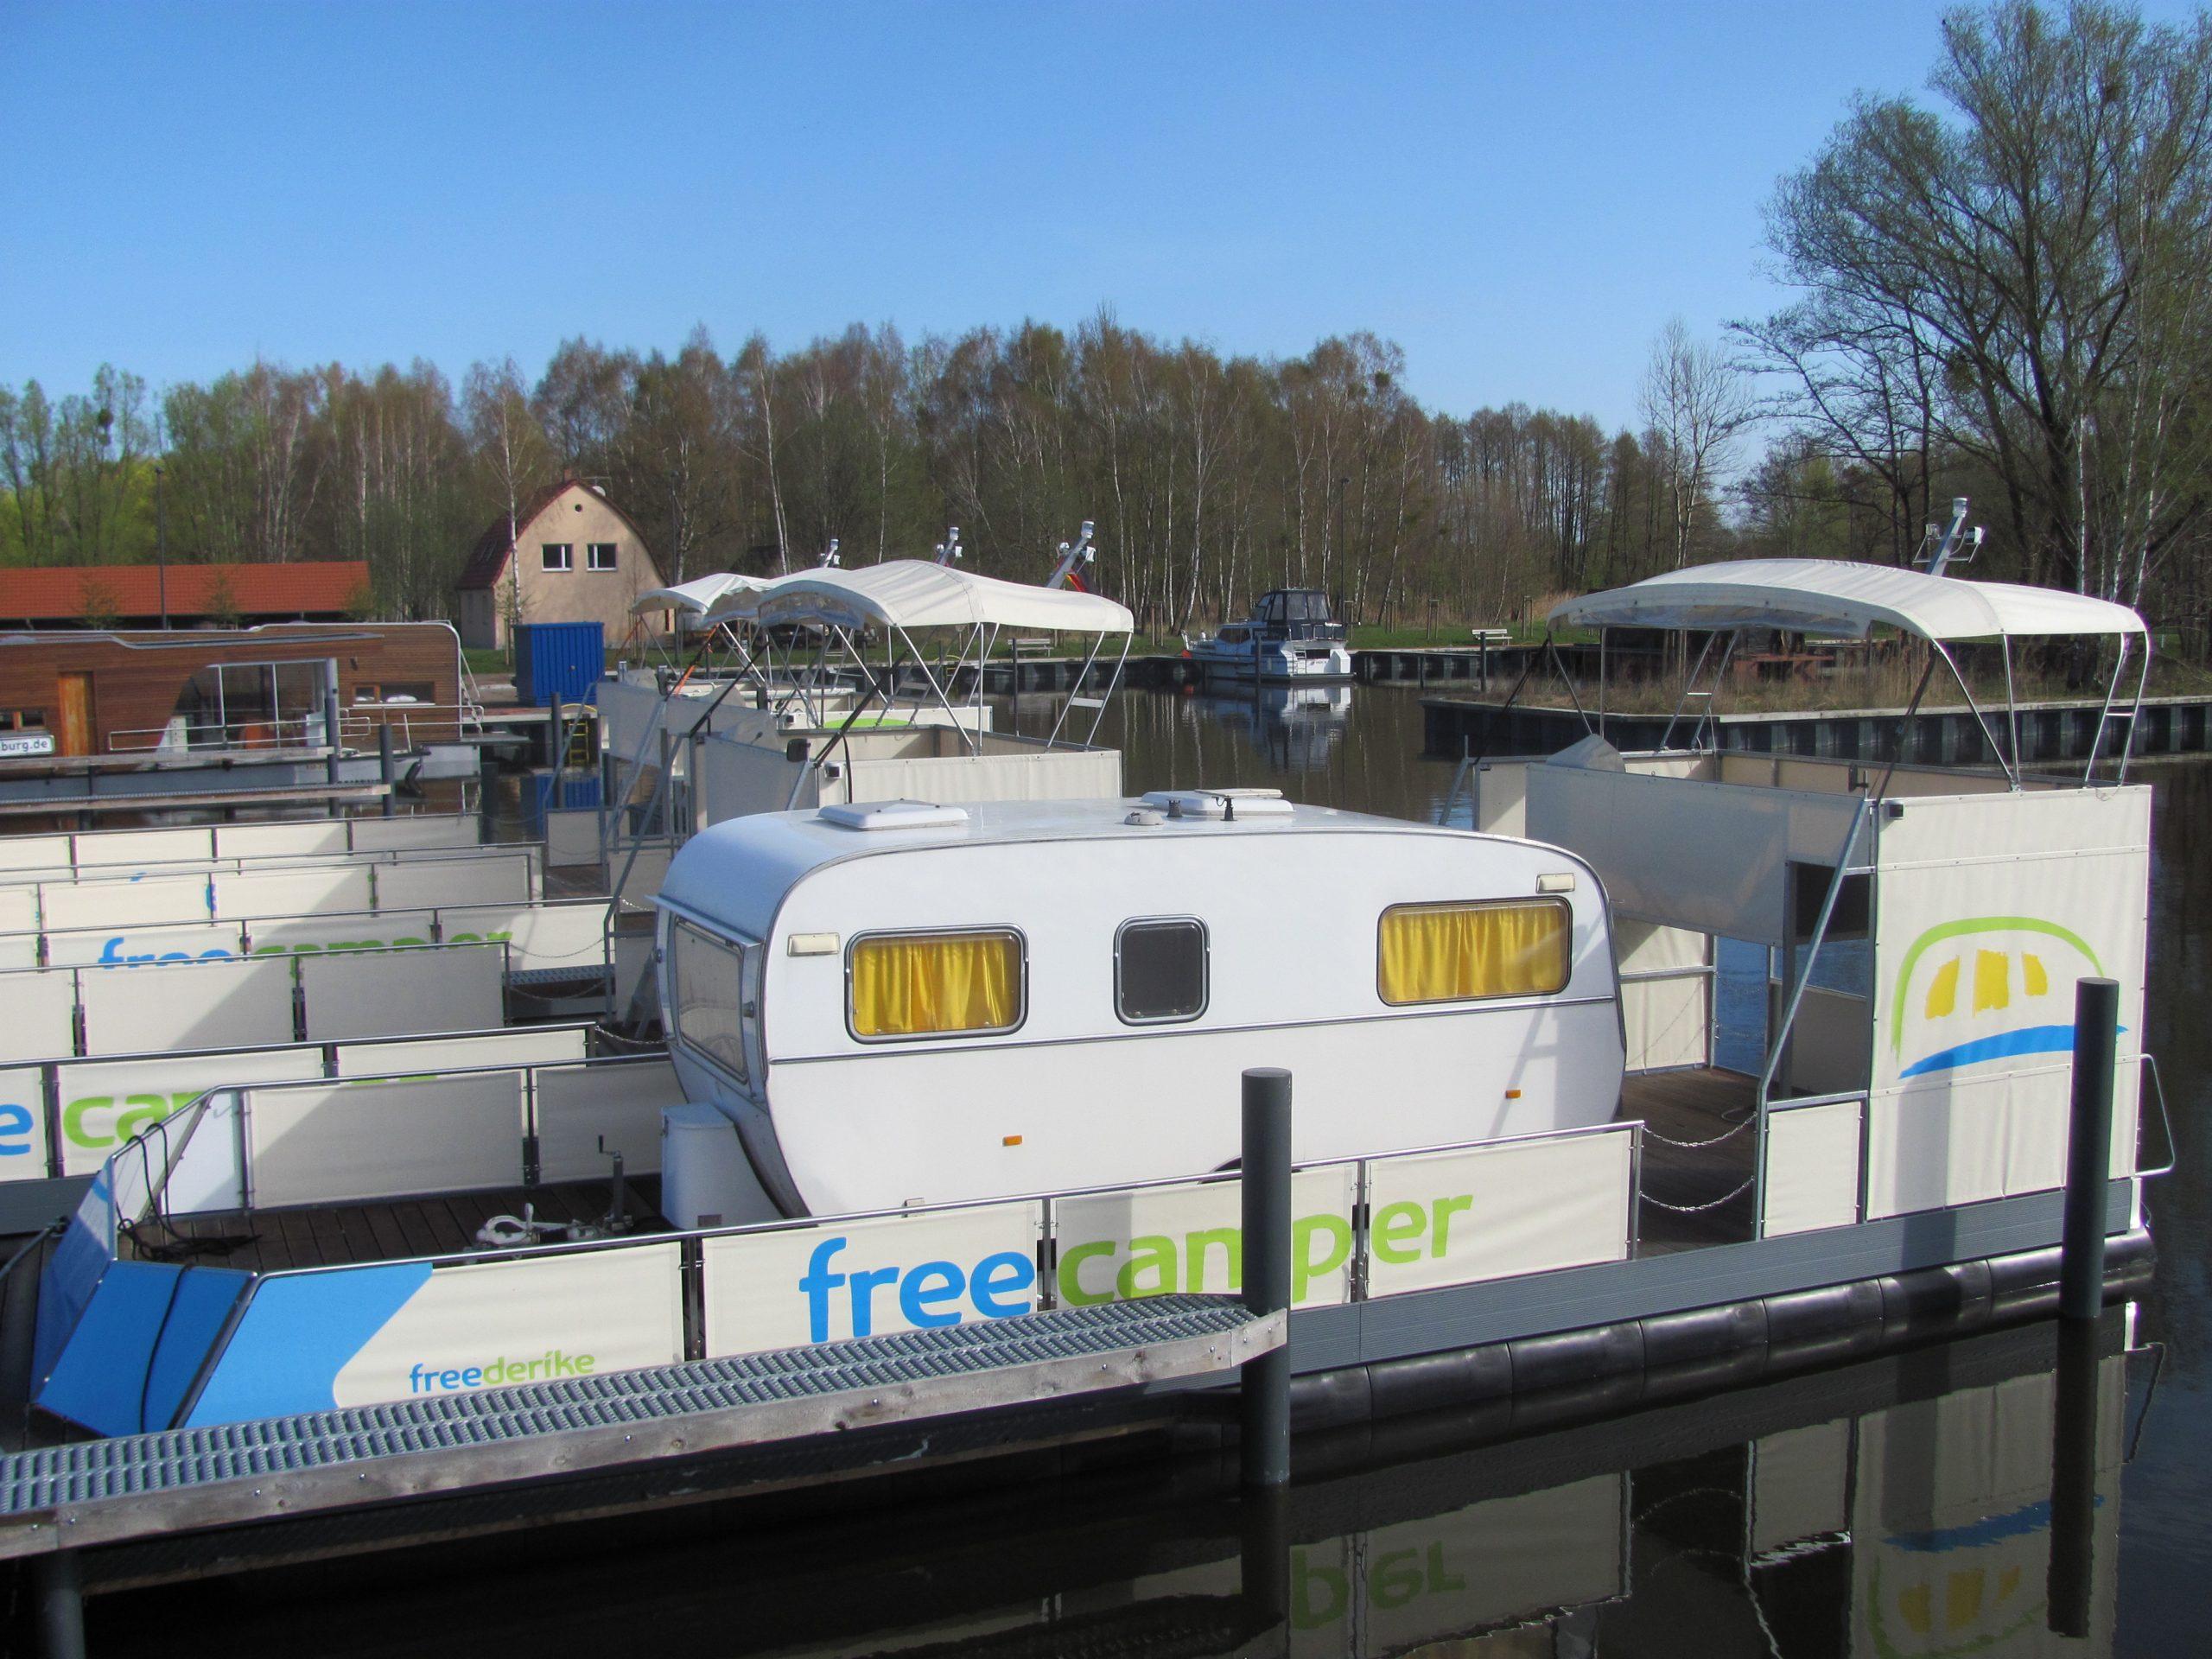 freecamper die in einem Hafen angelegt haben